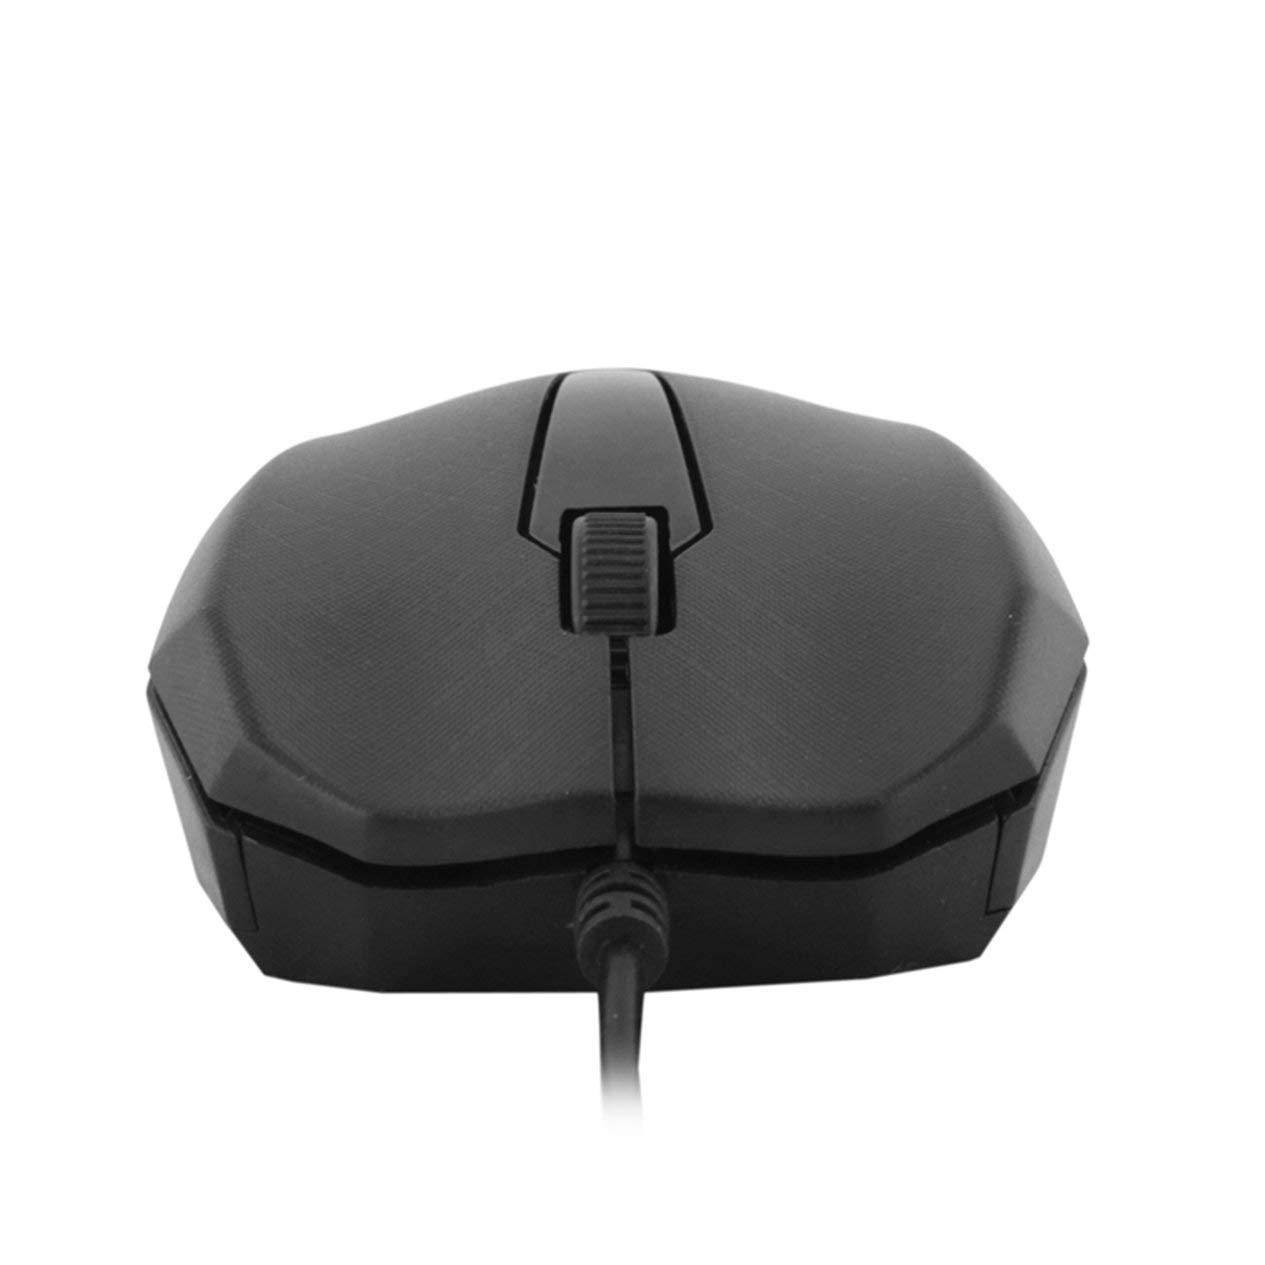 EdBerk74 Nuevo dise/ño Rueda de Desplazamiento 3D 1000 dpi USB con Cable Rat/ón /óptico para Juegos Ratones para PC de Escritorio Port/átil Eletronic Caliente